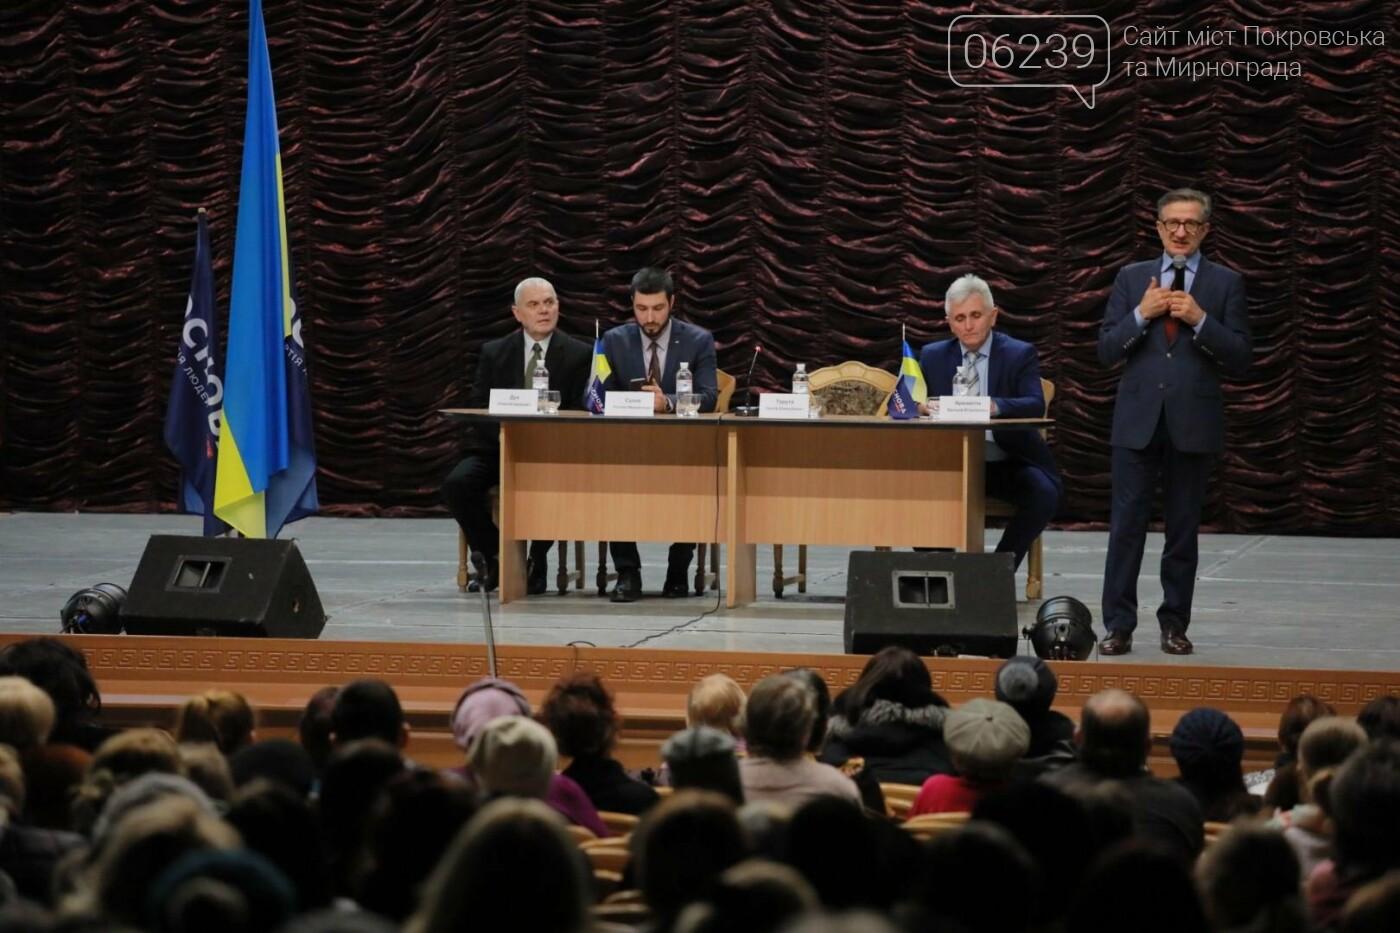 Кандидат на пост Президента Украины Сергей Тарута посетил Покровск, фото-7